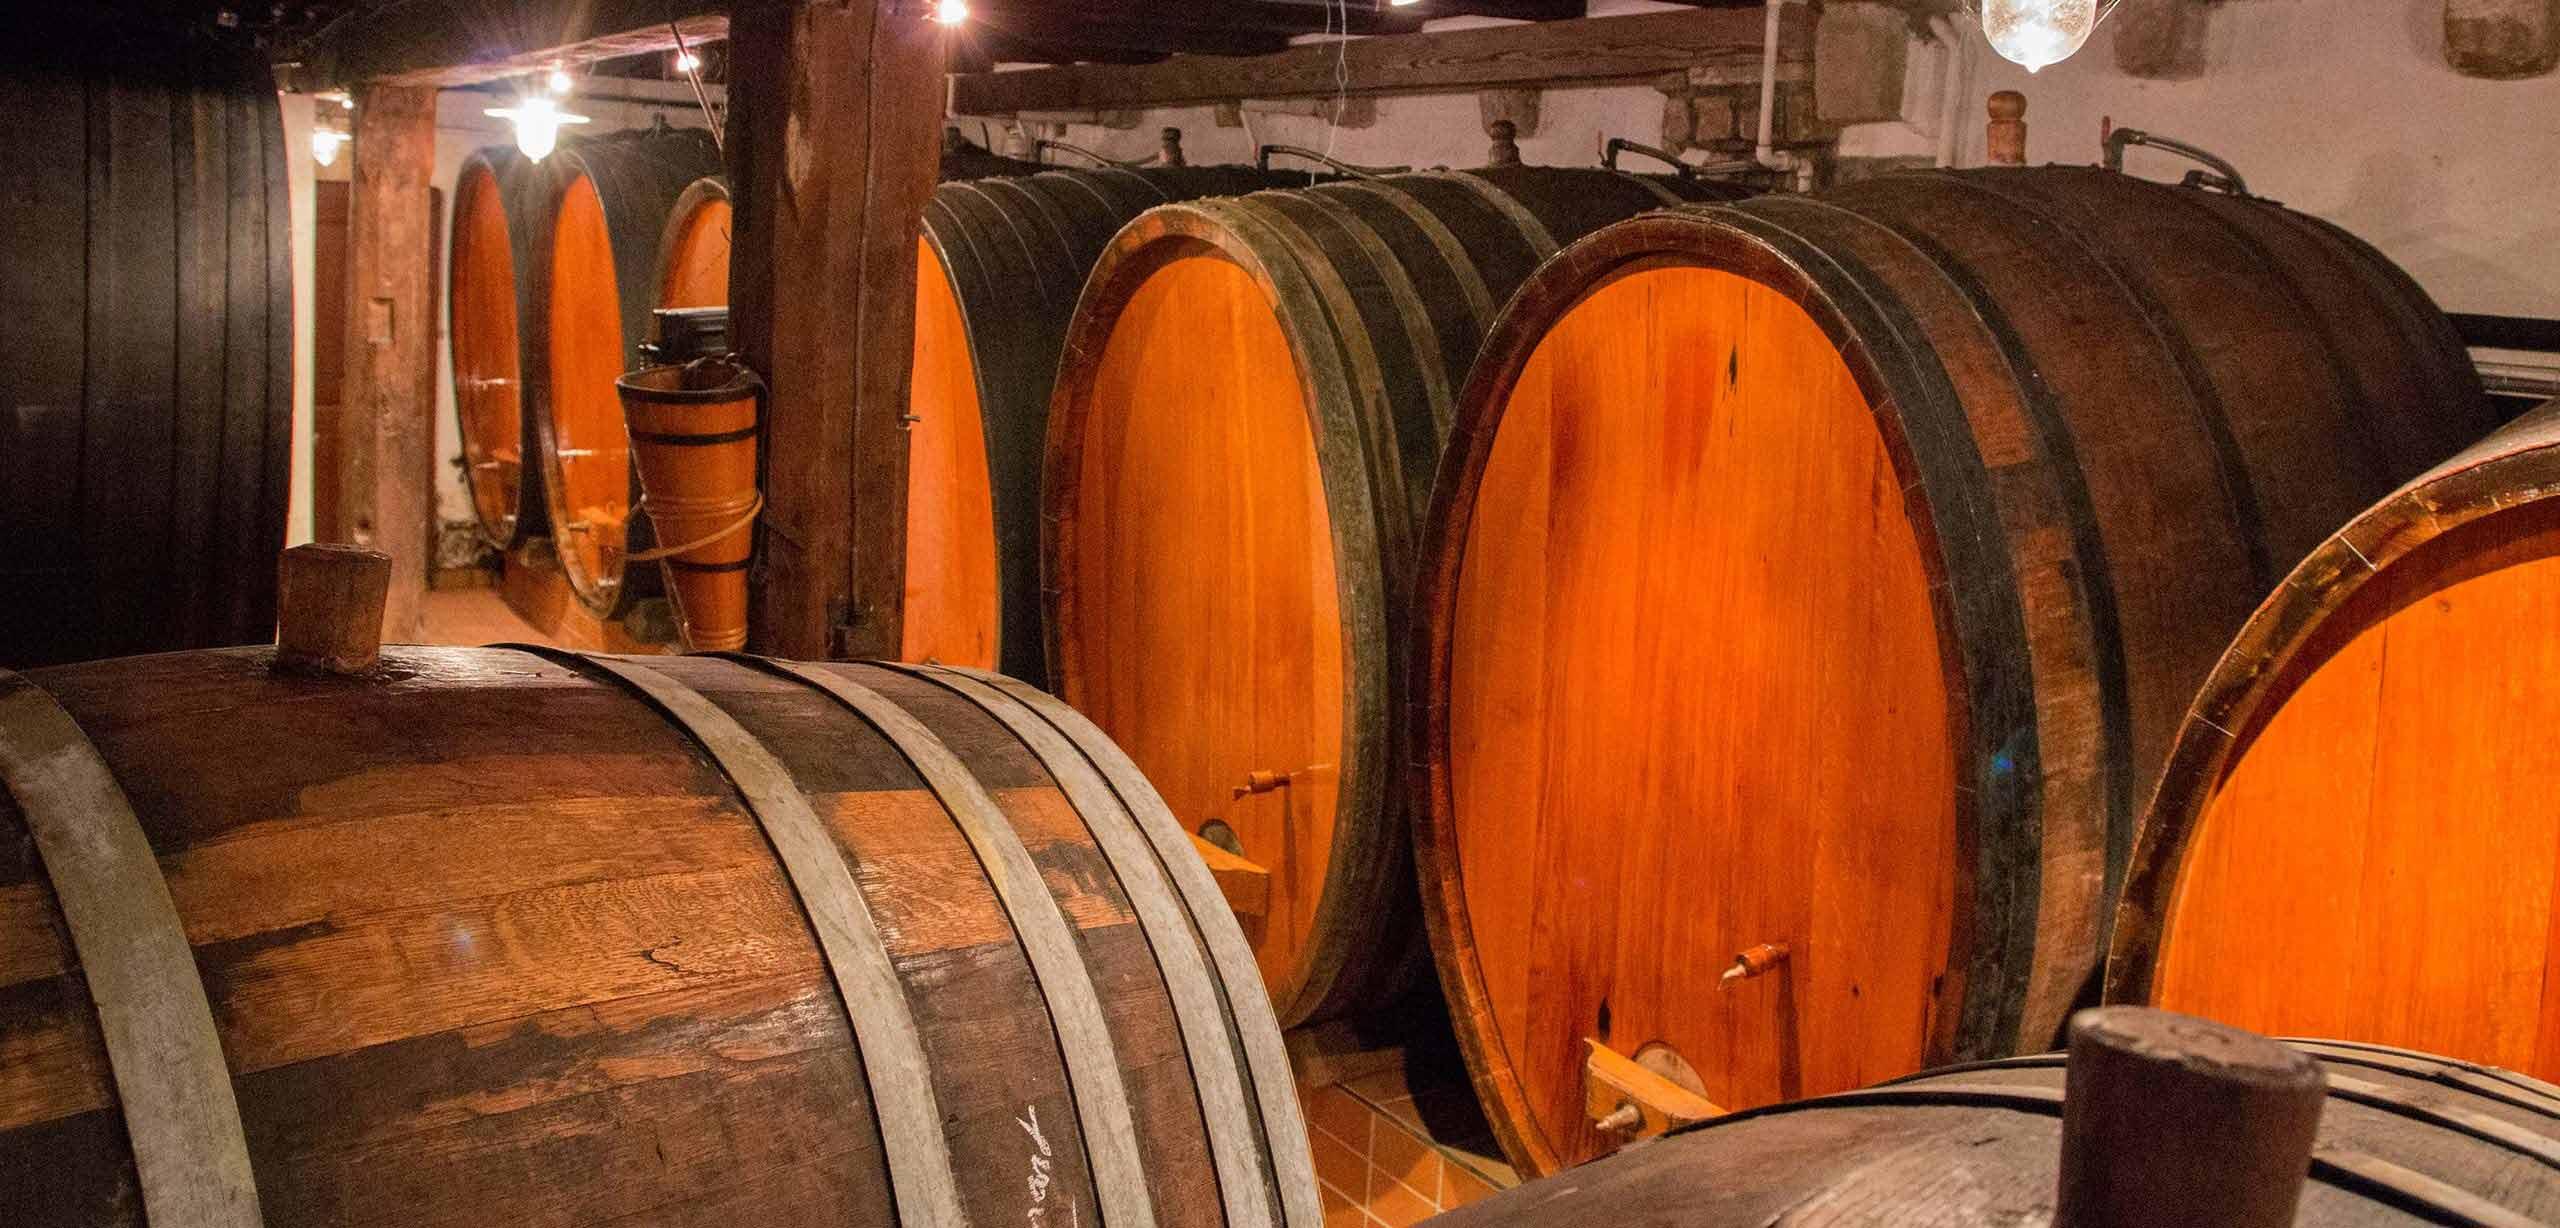 Cave vinicole Alsace vin paul schneider